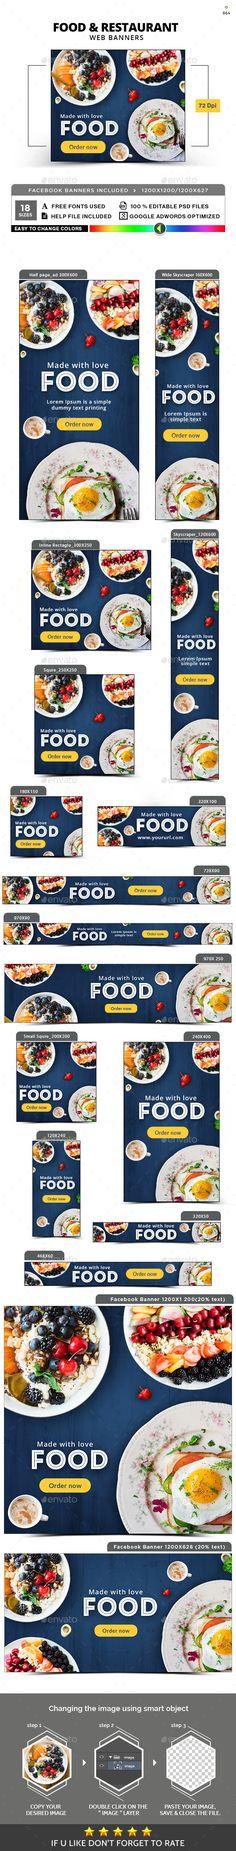 Food & Restaurant Banner Set